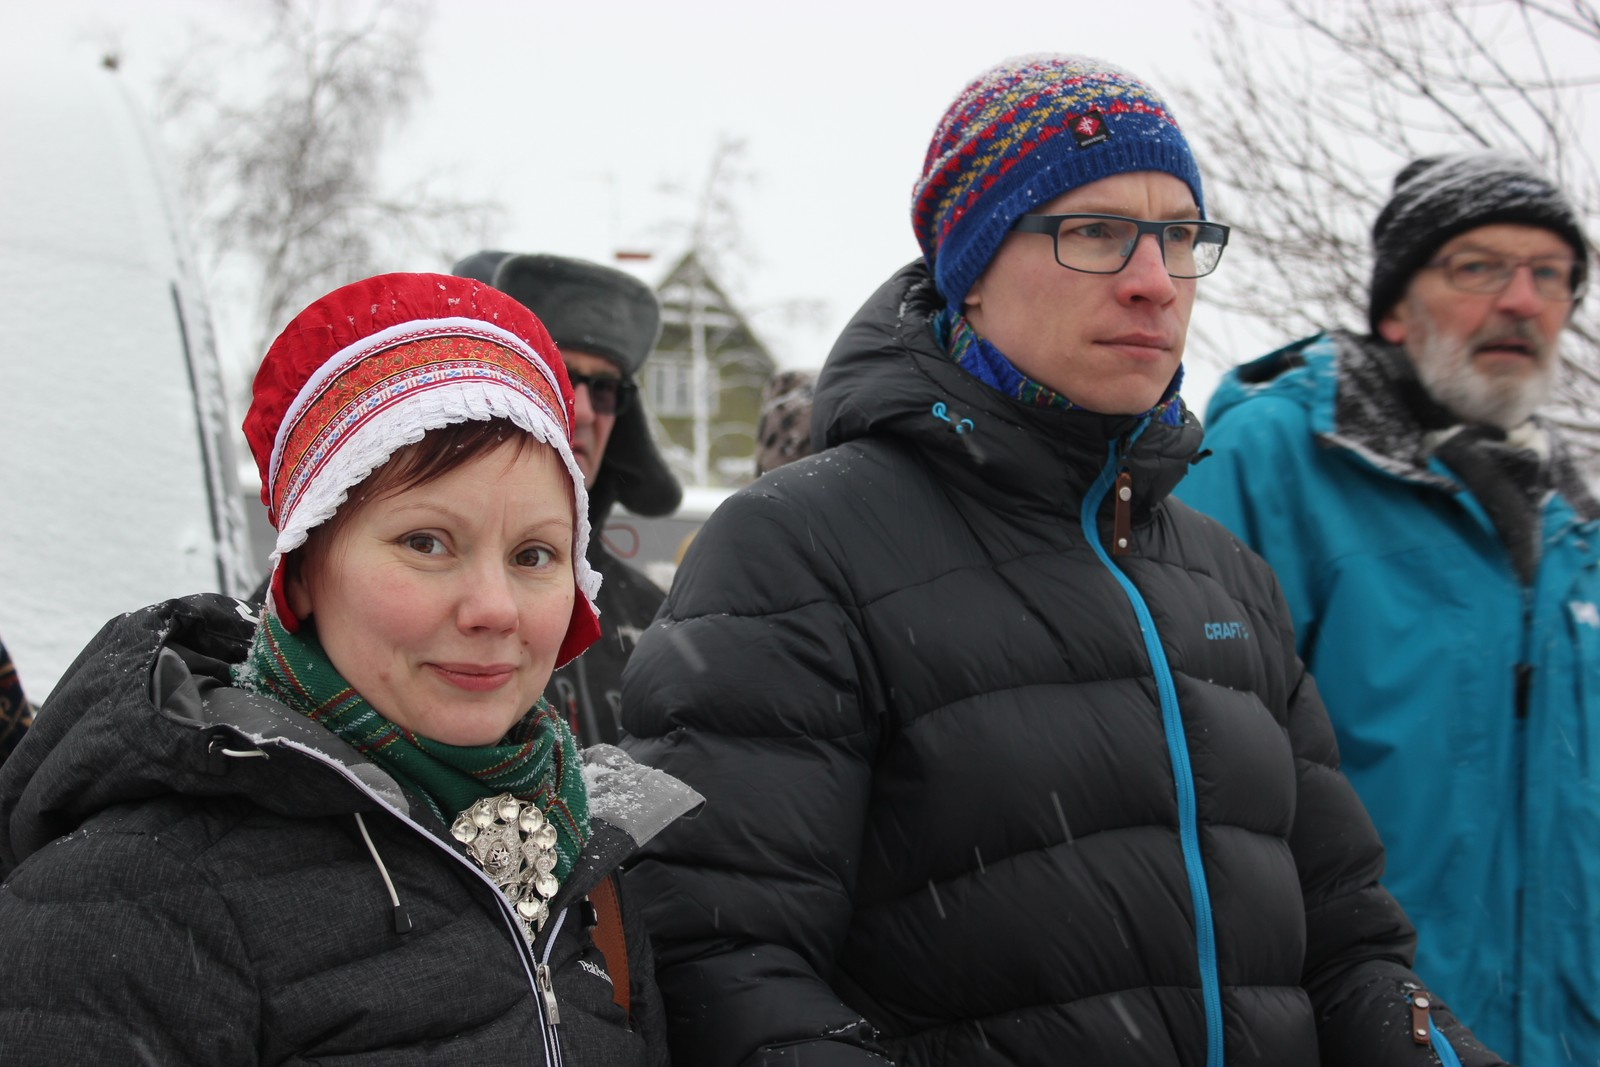 Hanna Sofie Utsi og Mattias Berglund under fellesarrangementet i Jokkmokk.